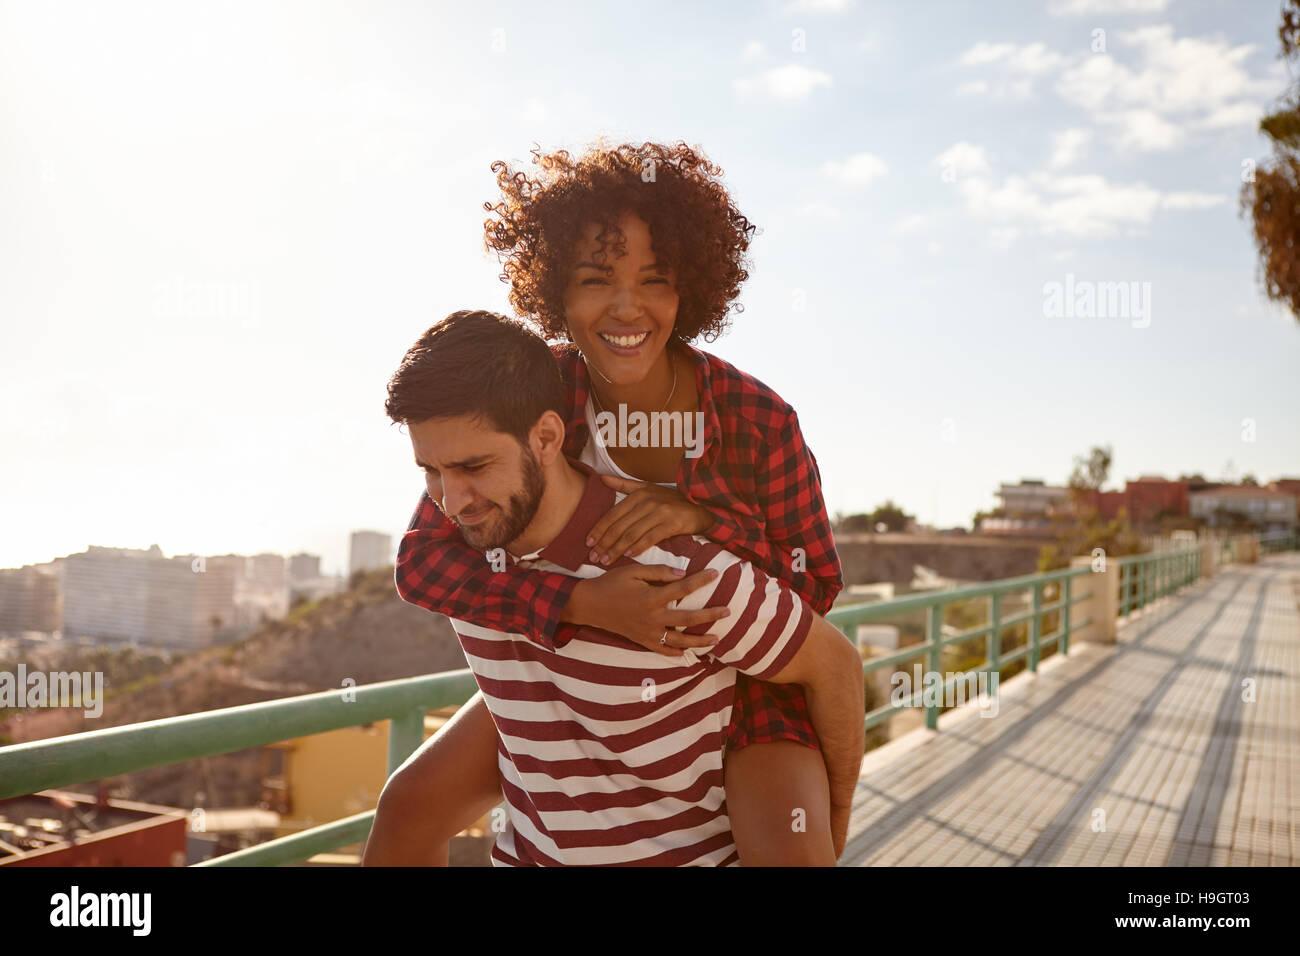 Paar tun die Huckepack Reiten mit ihr auf seinem Rücken, rechten Arm um seinen Hals, linke Hand auf seine Schulter Stockbild